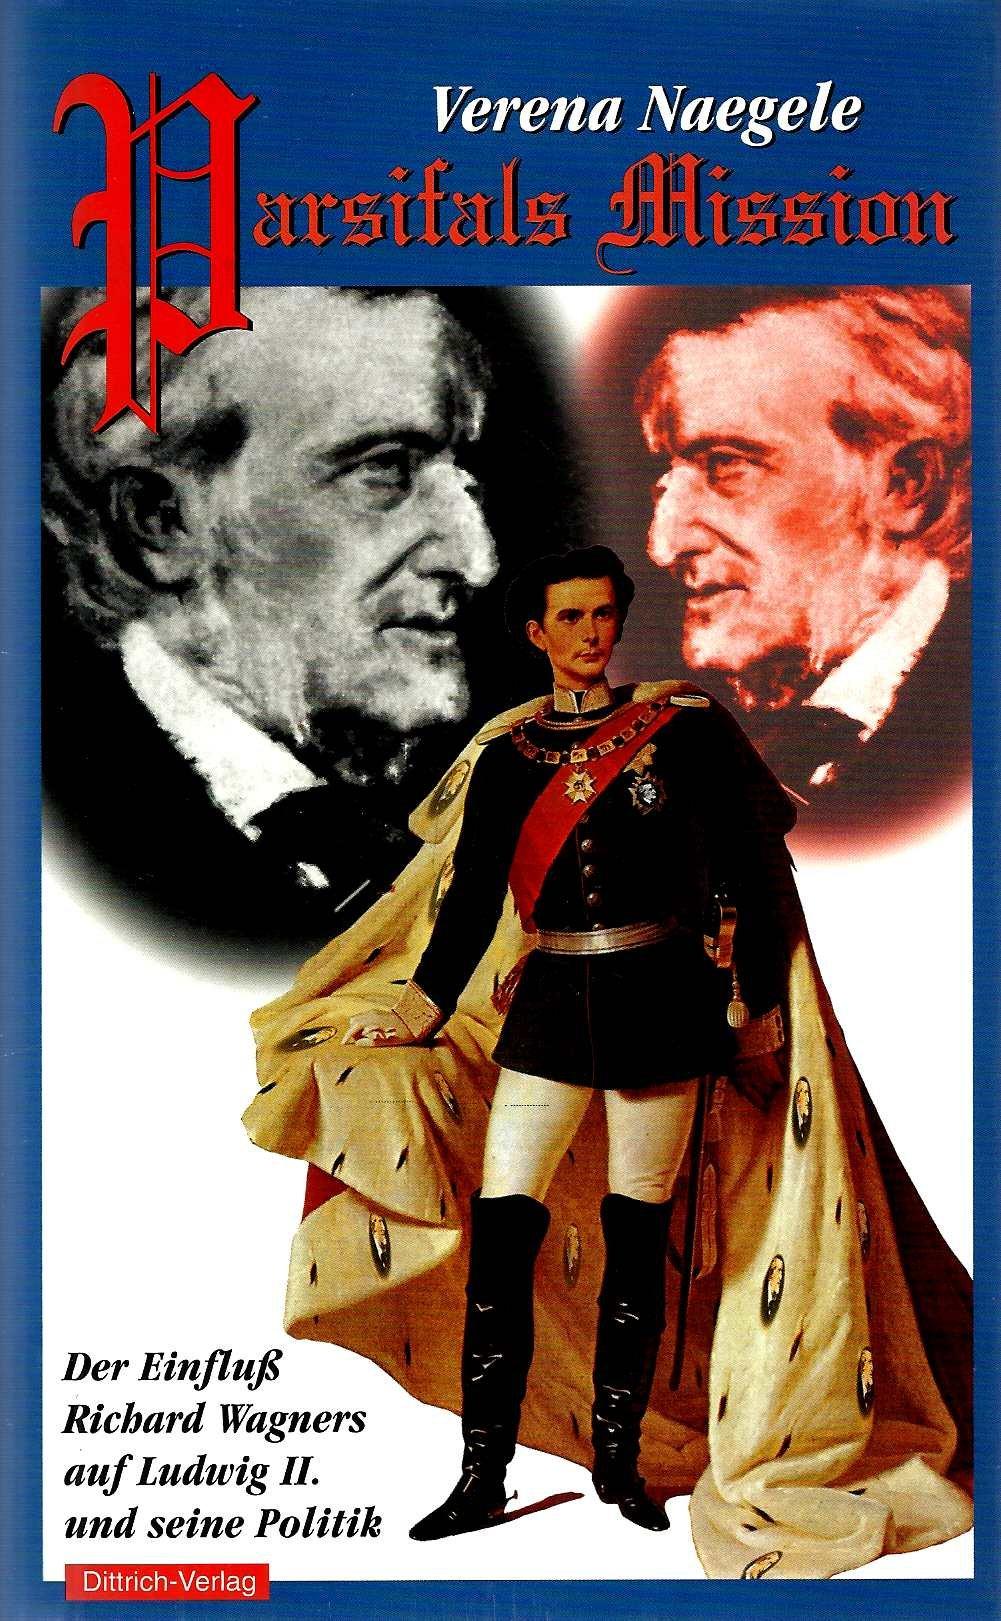 Parsifals Mission. Der Einfluß Richard Wagners auf Ludwig II. und seine Politik Taschenbuch – März 2000 Verena Naegele Dittrich Verlag GmbH 3920862090